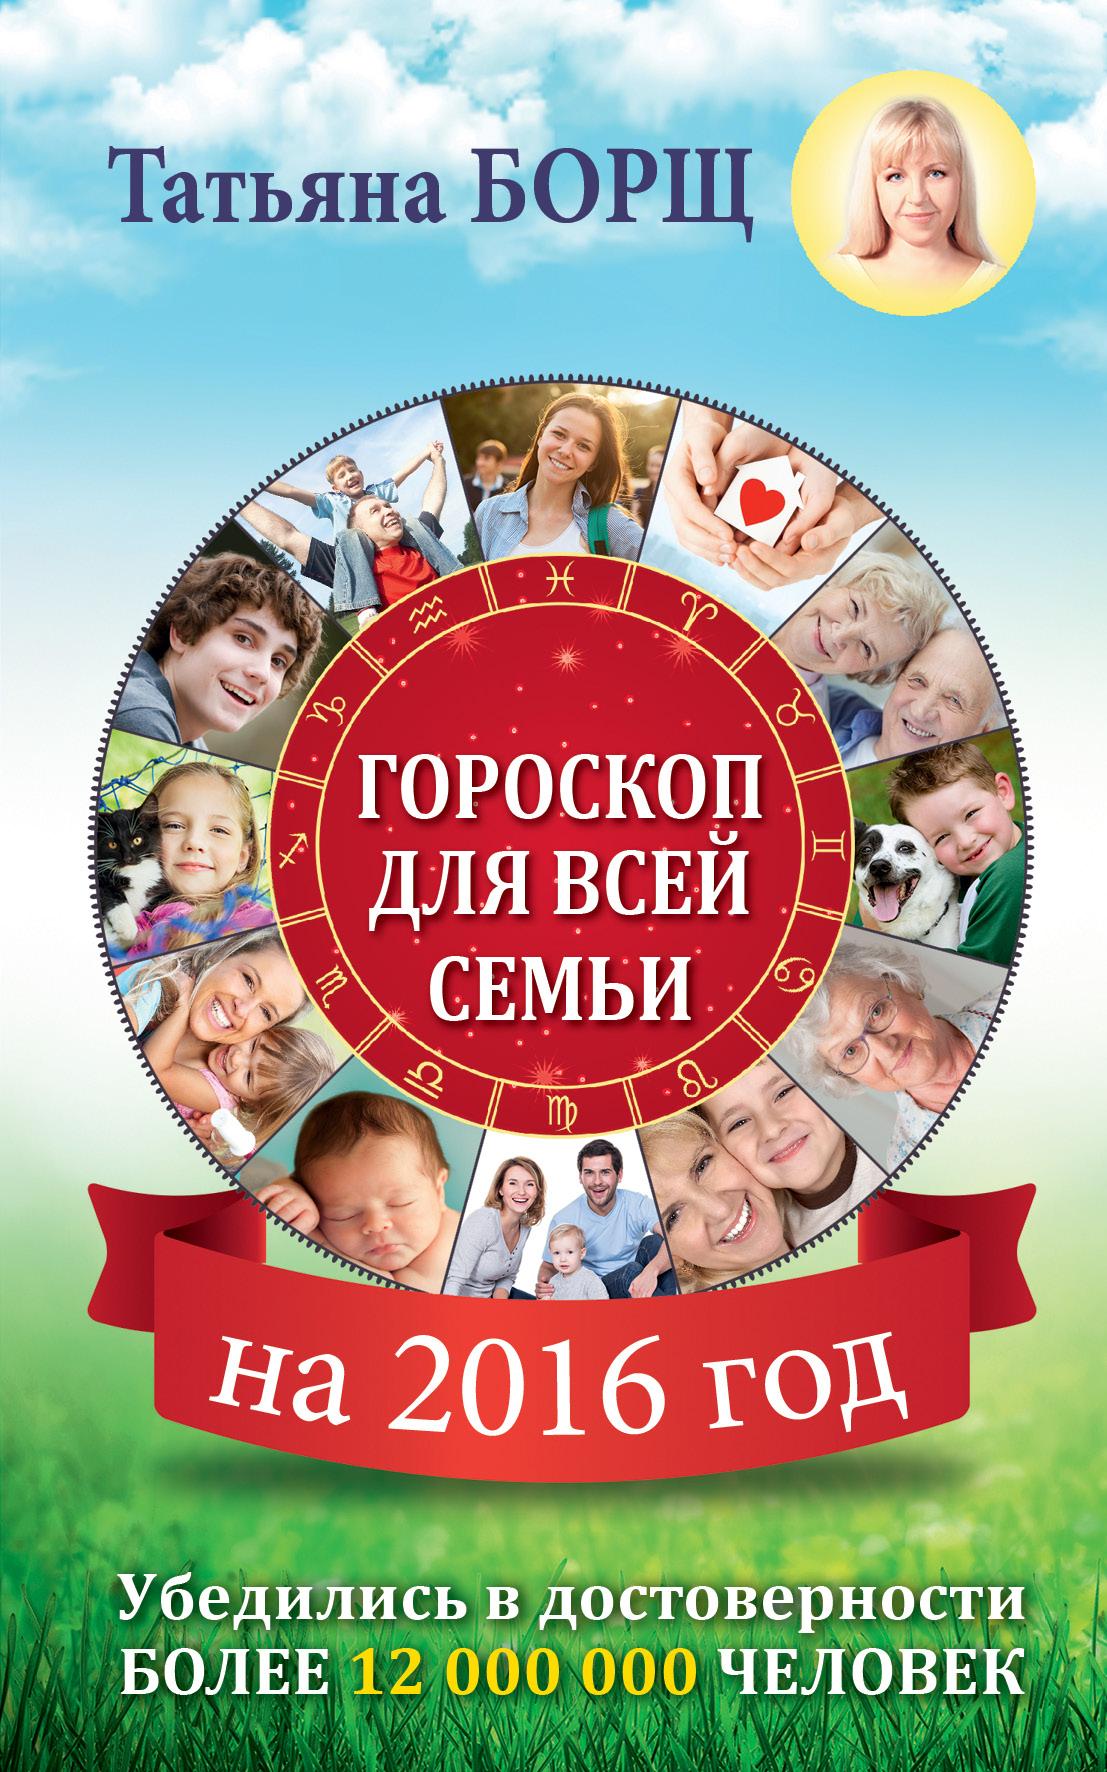 Гороскоп на 2016 год для всей семьи